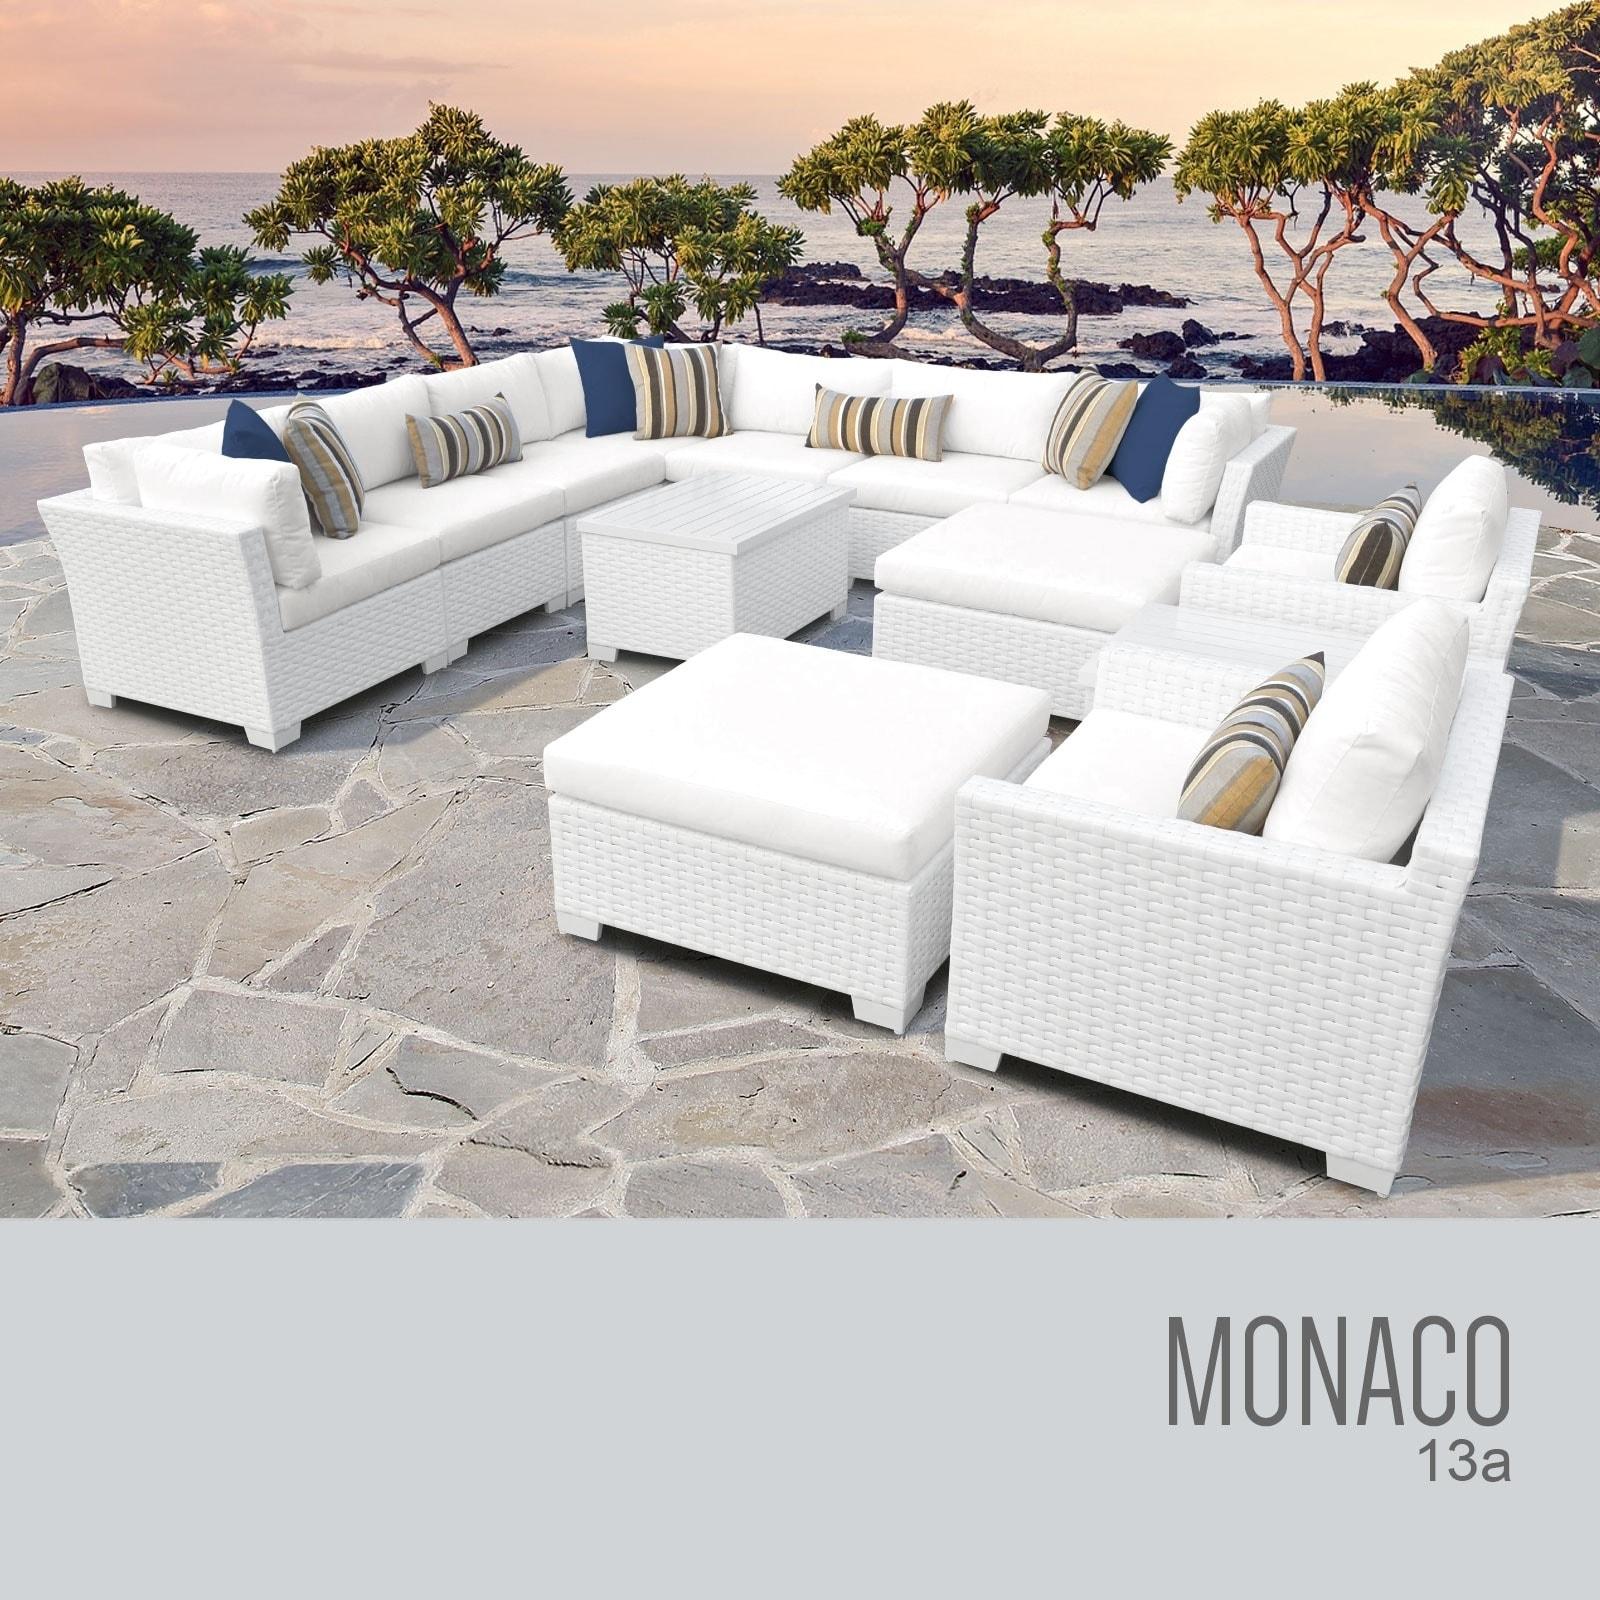 Monaco 13 piece outdoor wicker patio furniture set 13a